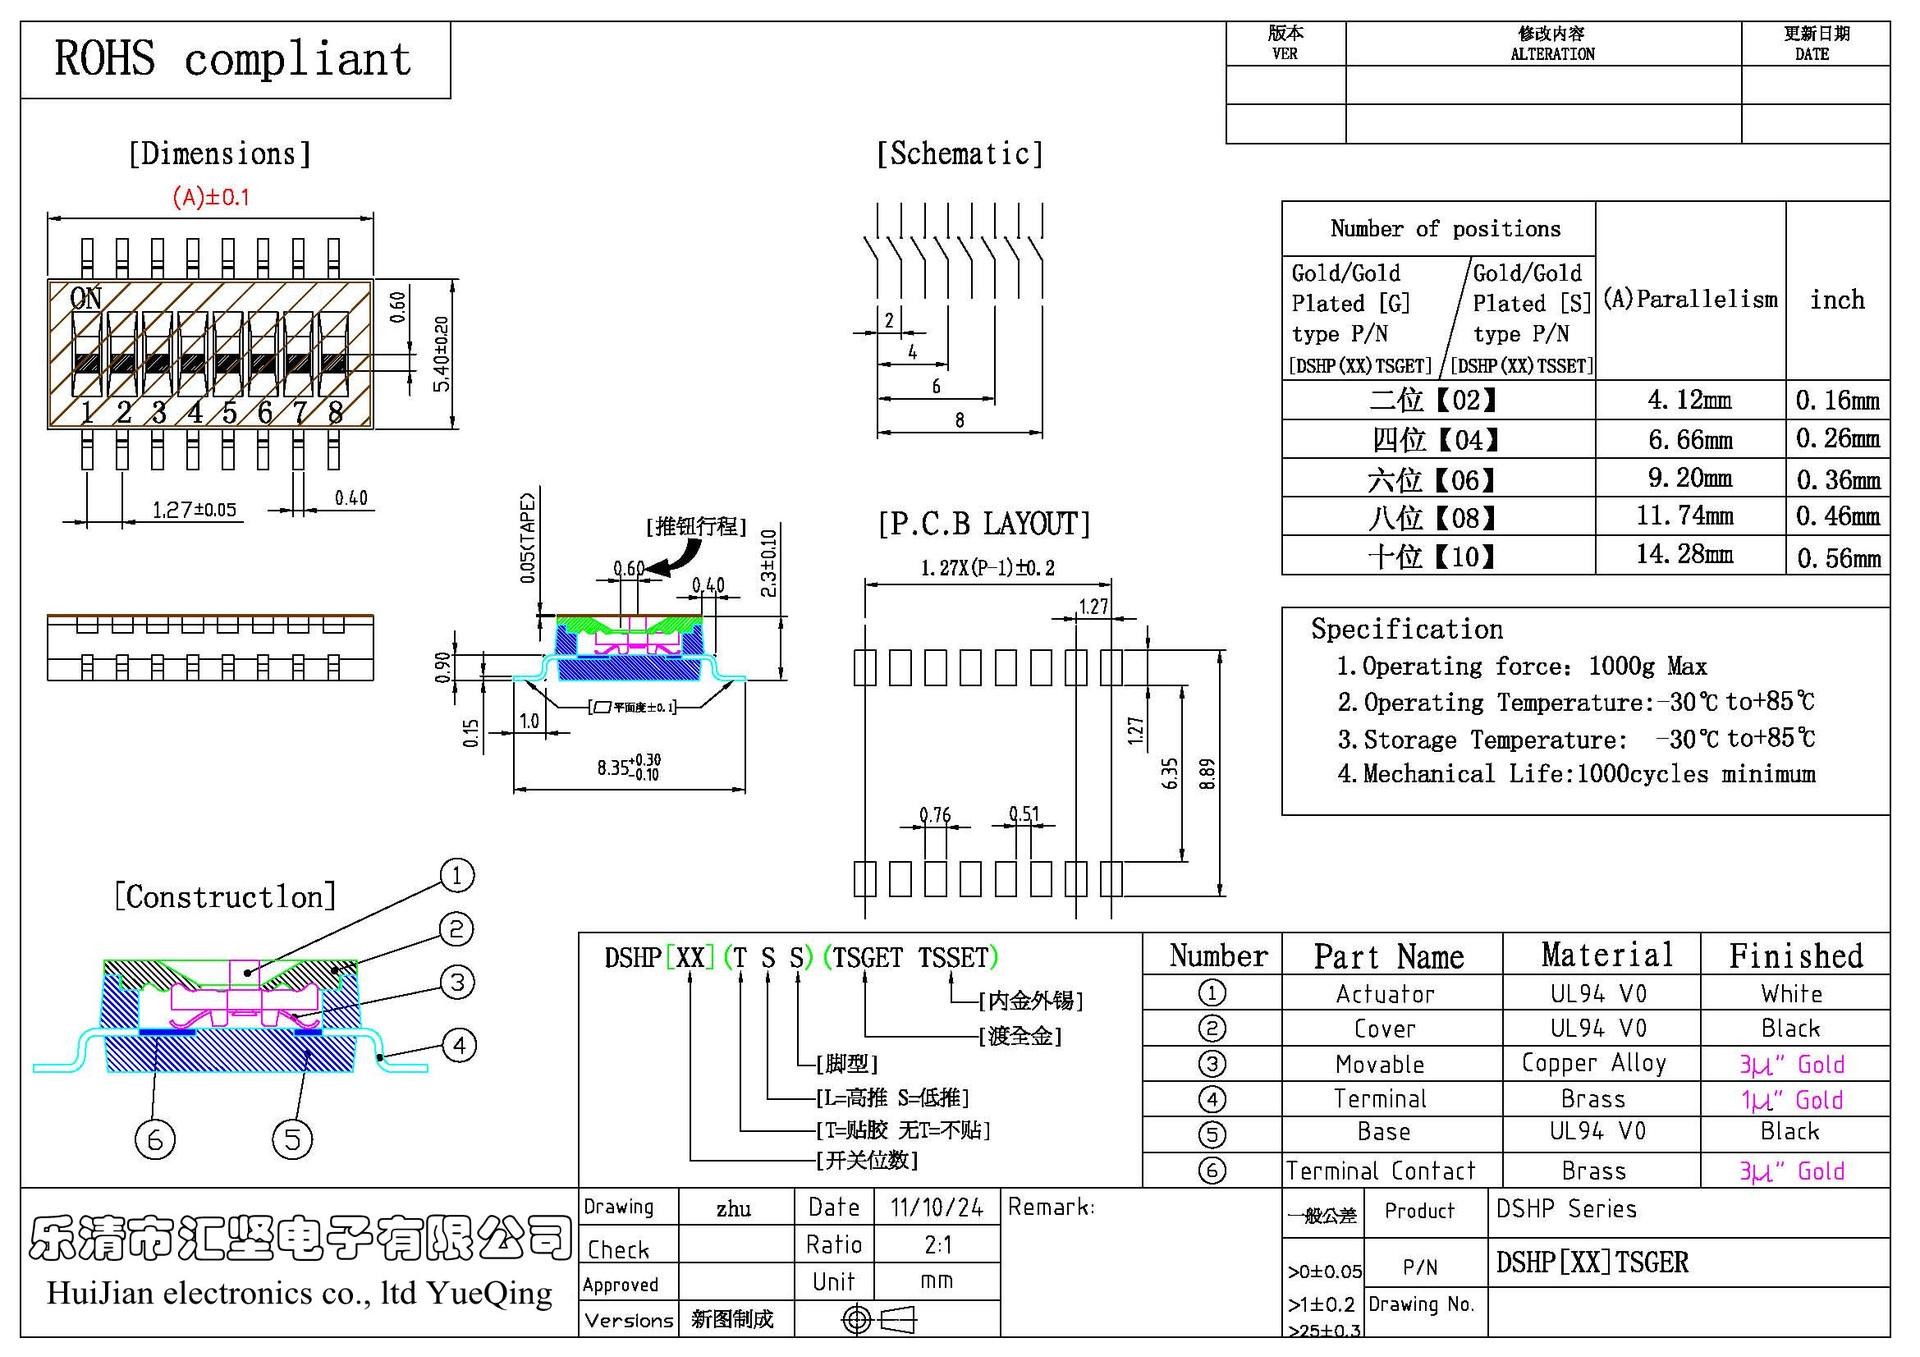 Distância de Quatro DSHP04TSGER 1,27 patch importado de Taiwan KE4 via dip switches